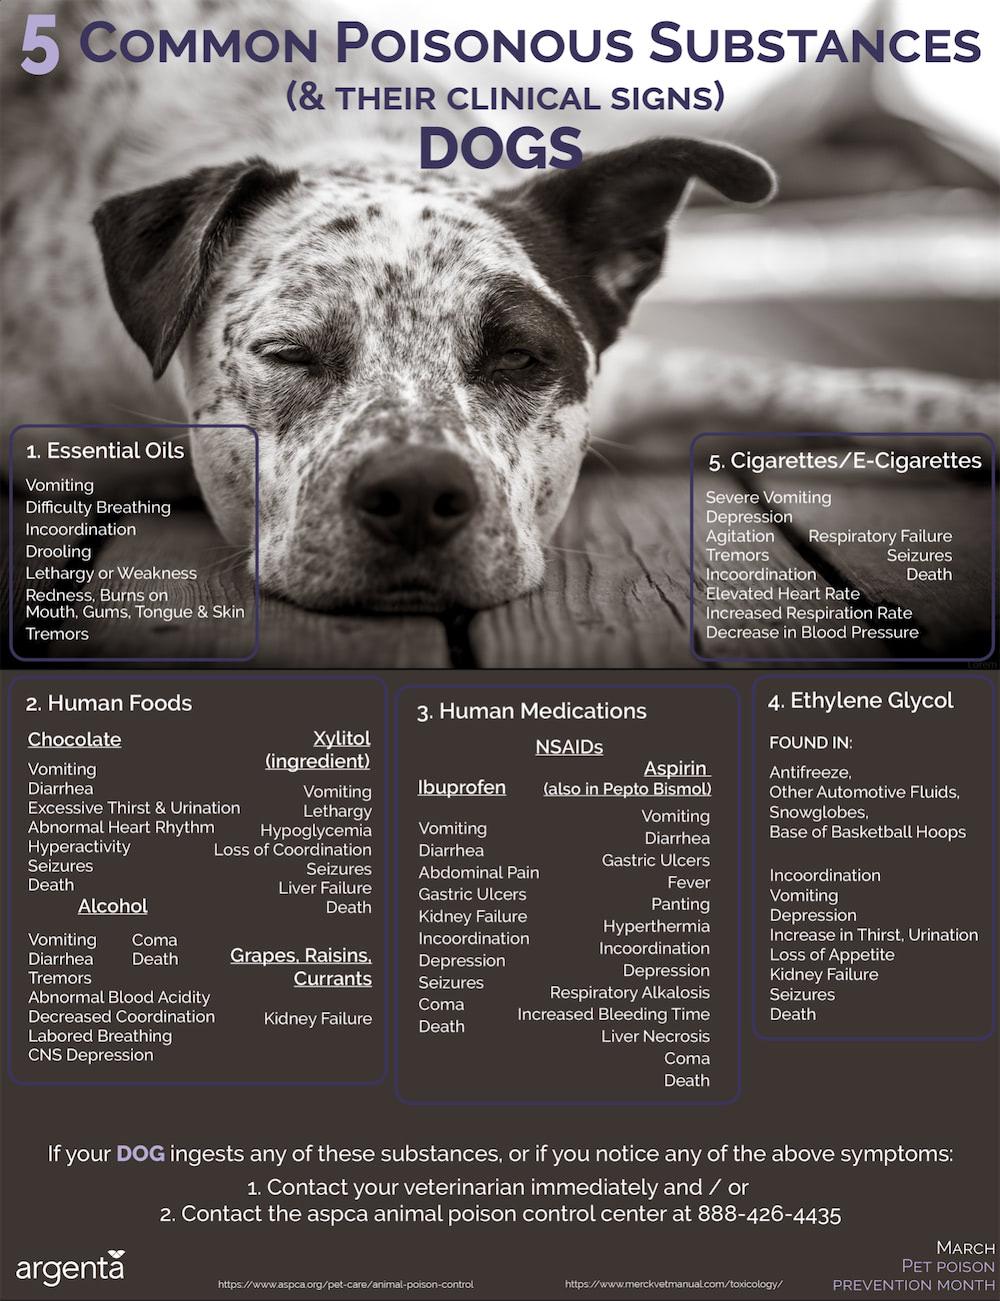 5 Common Poisonous Substances: Dogs